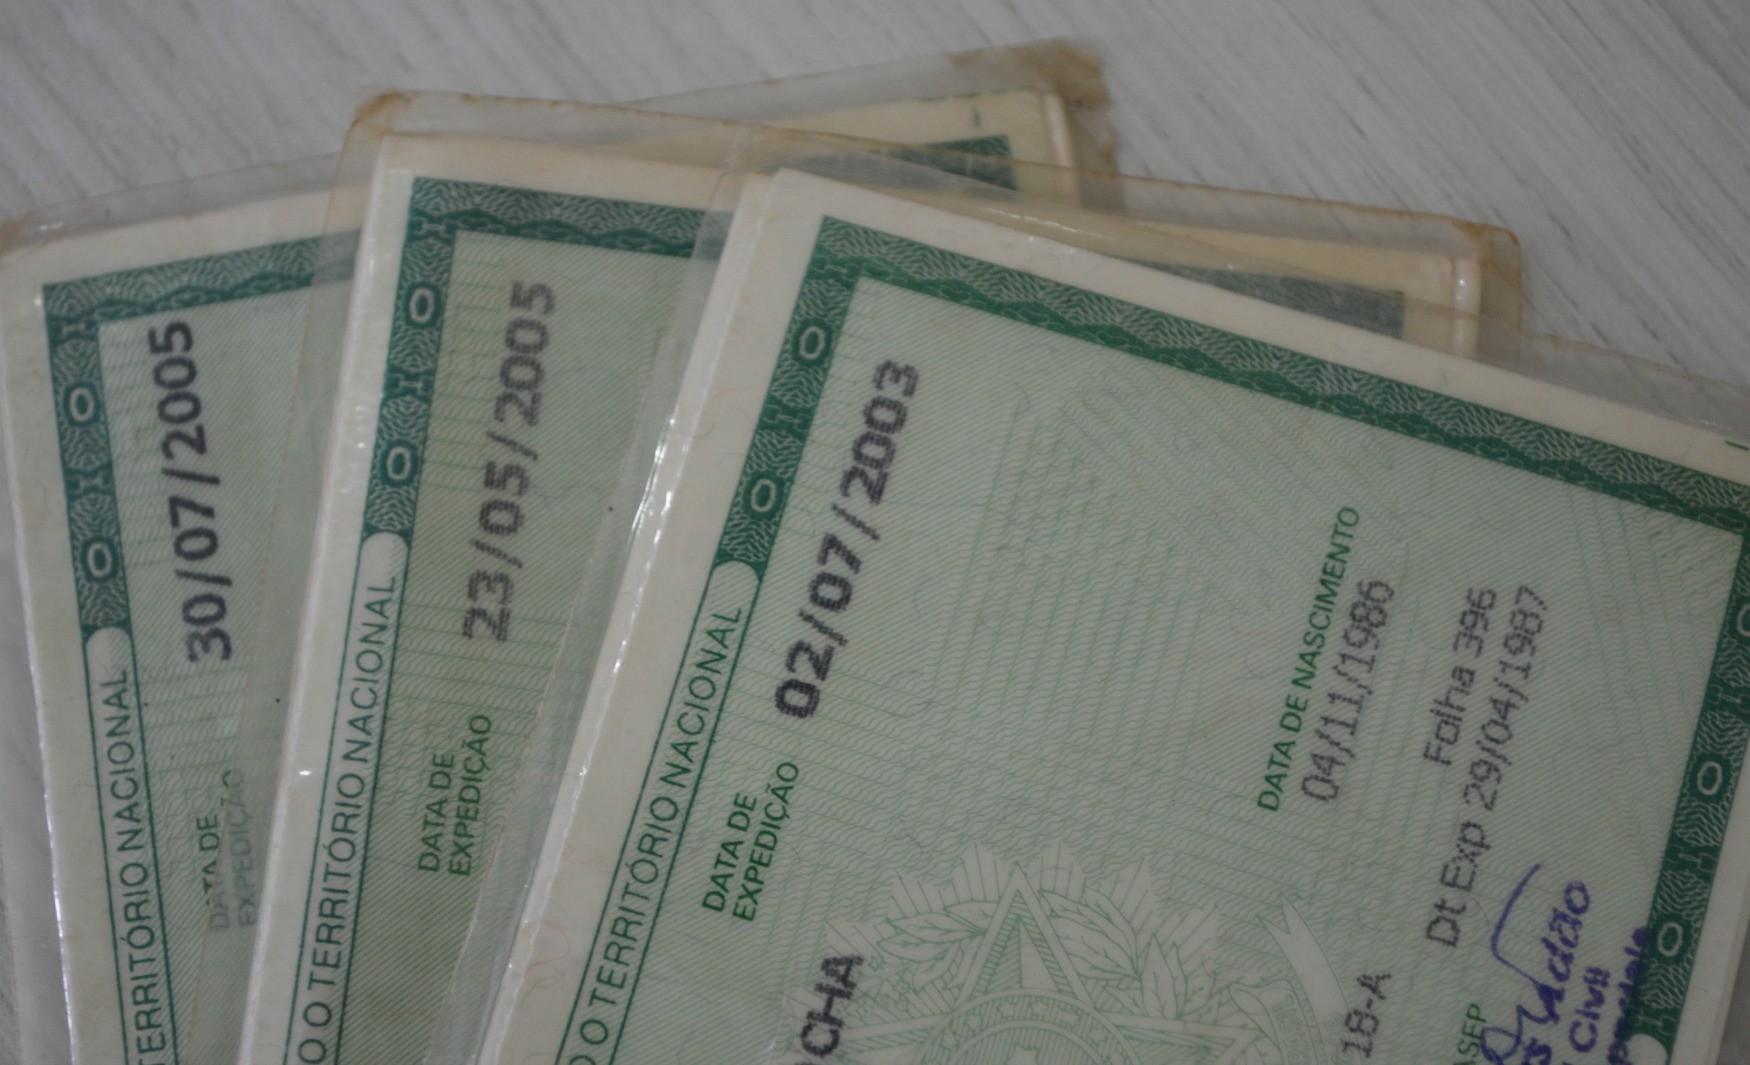 Procura por emissão gratuita de documentos tem aumento em Belém, Paragominas e Santarém, no PA - Notícias - Plantão Diário